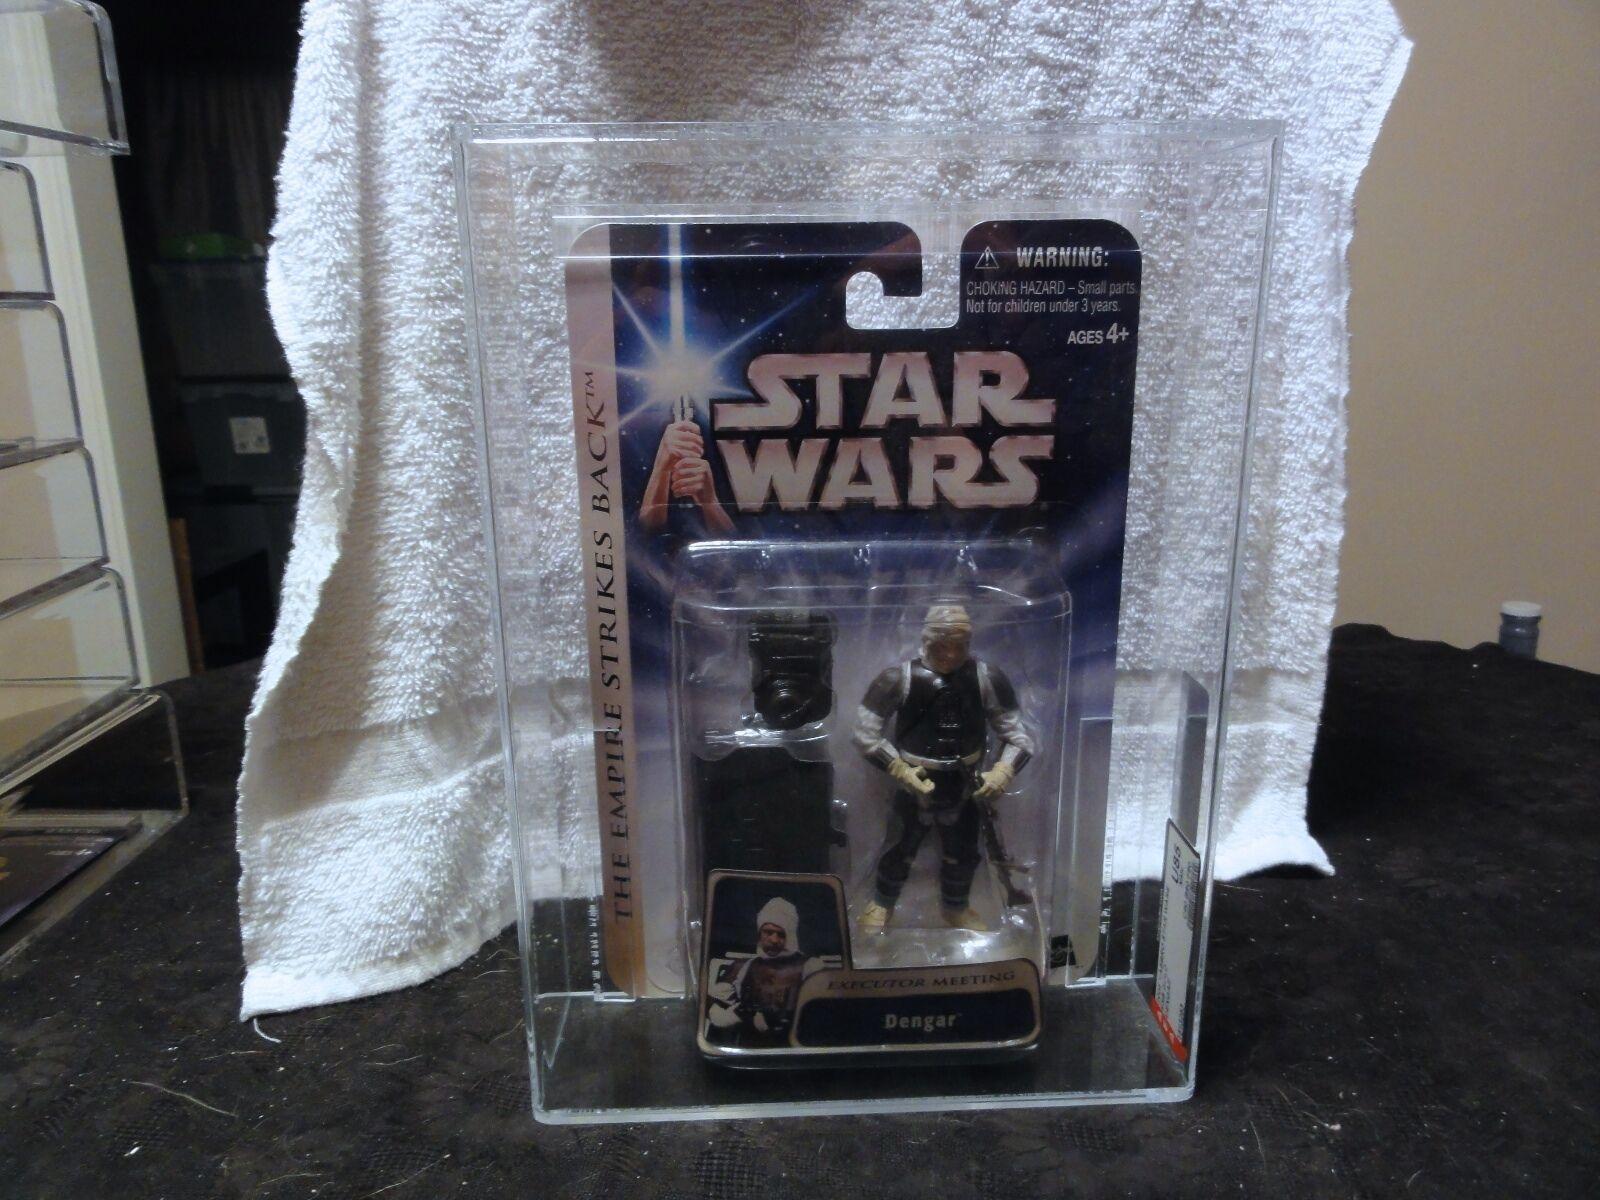 Star - wars - 2004 star wars (Gold dengar afa versiegelt mib - box